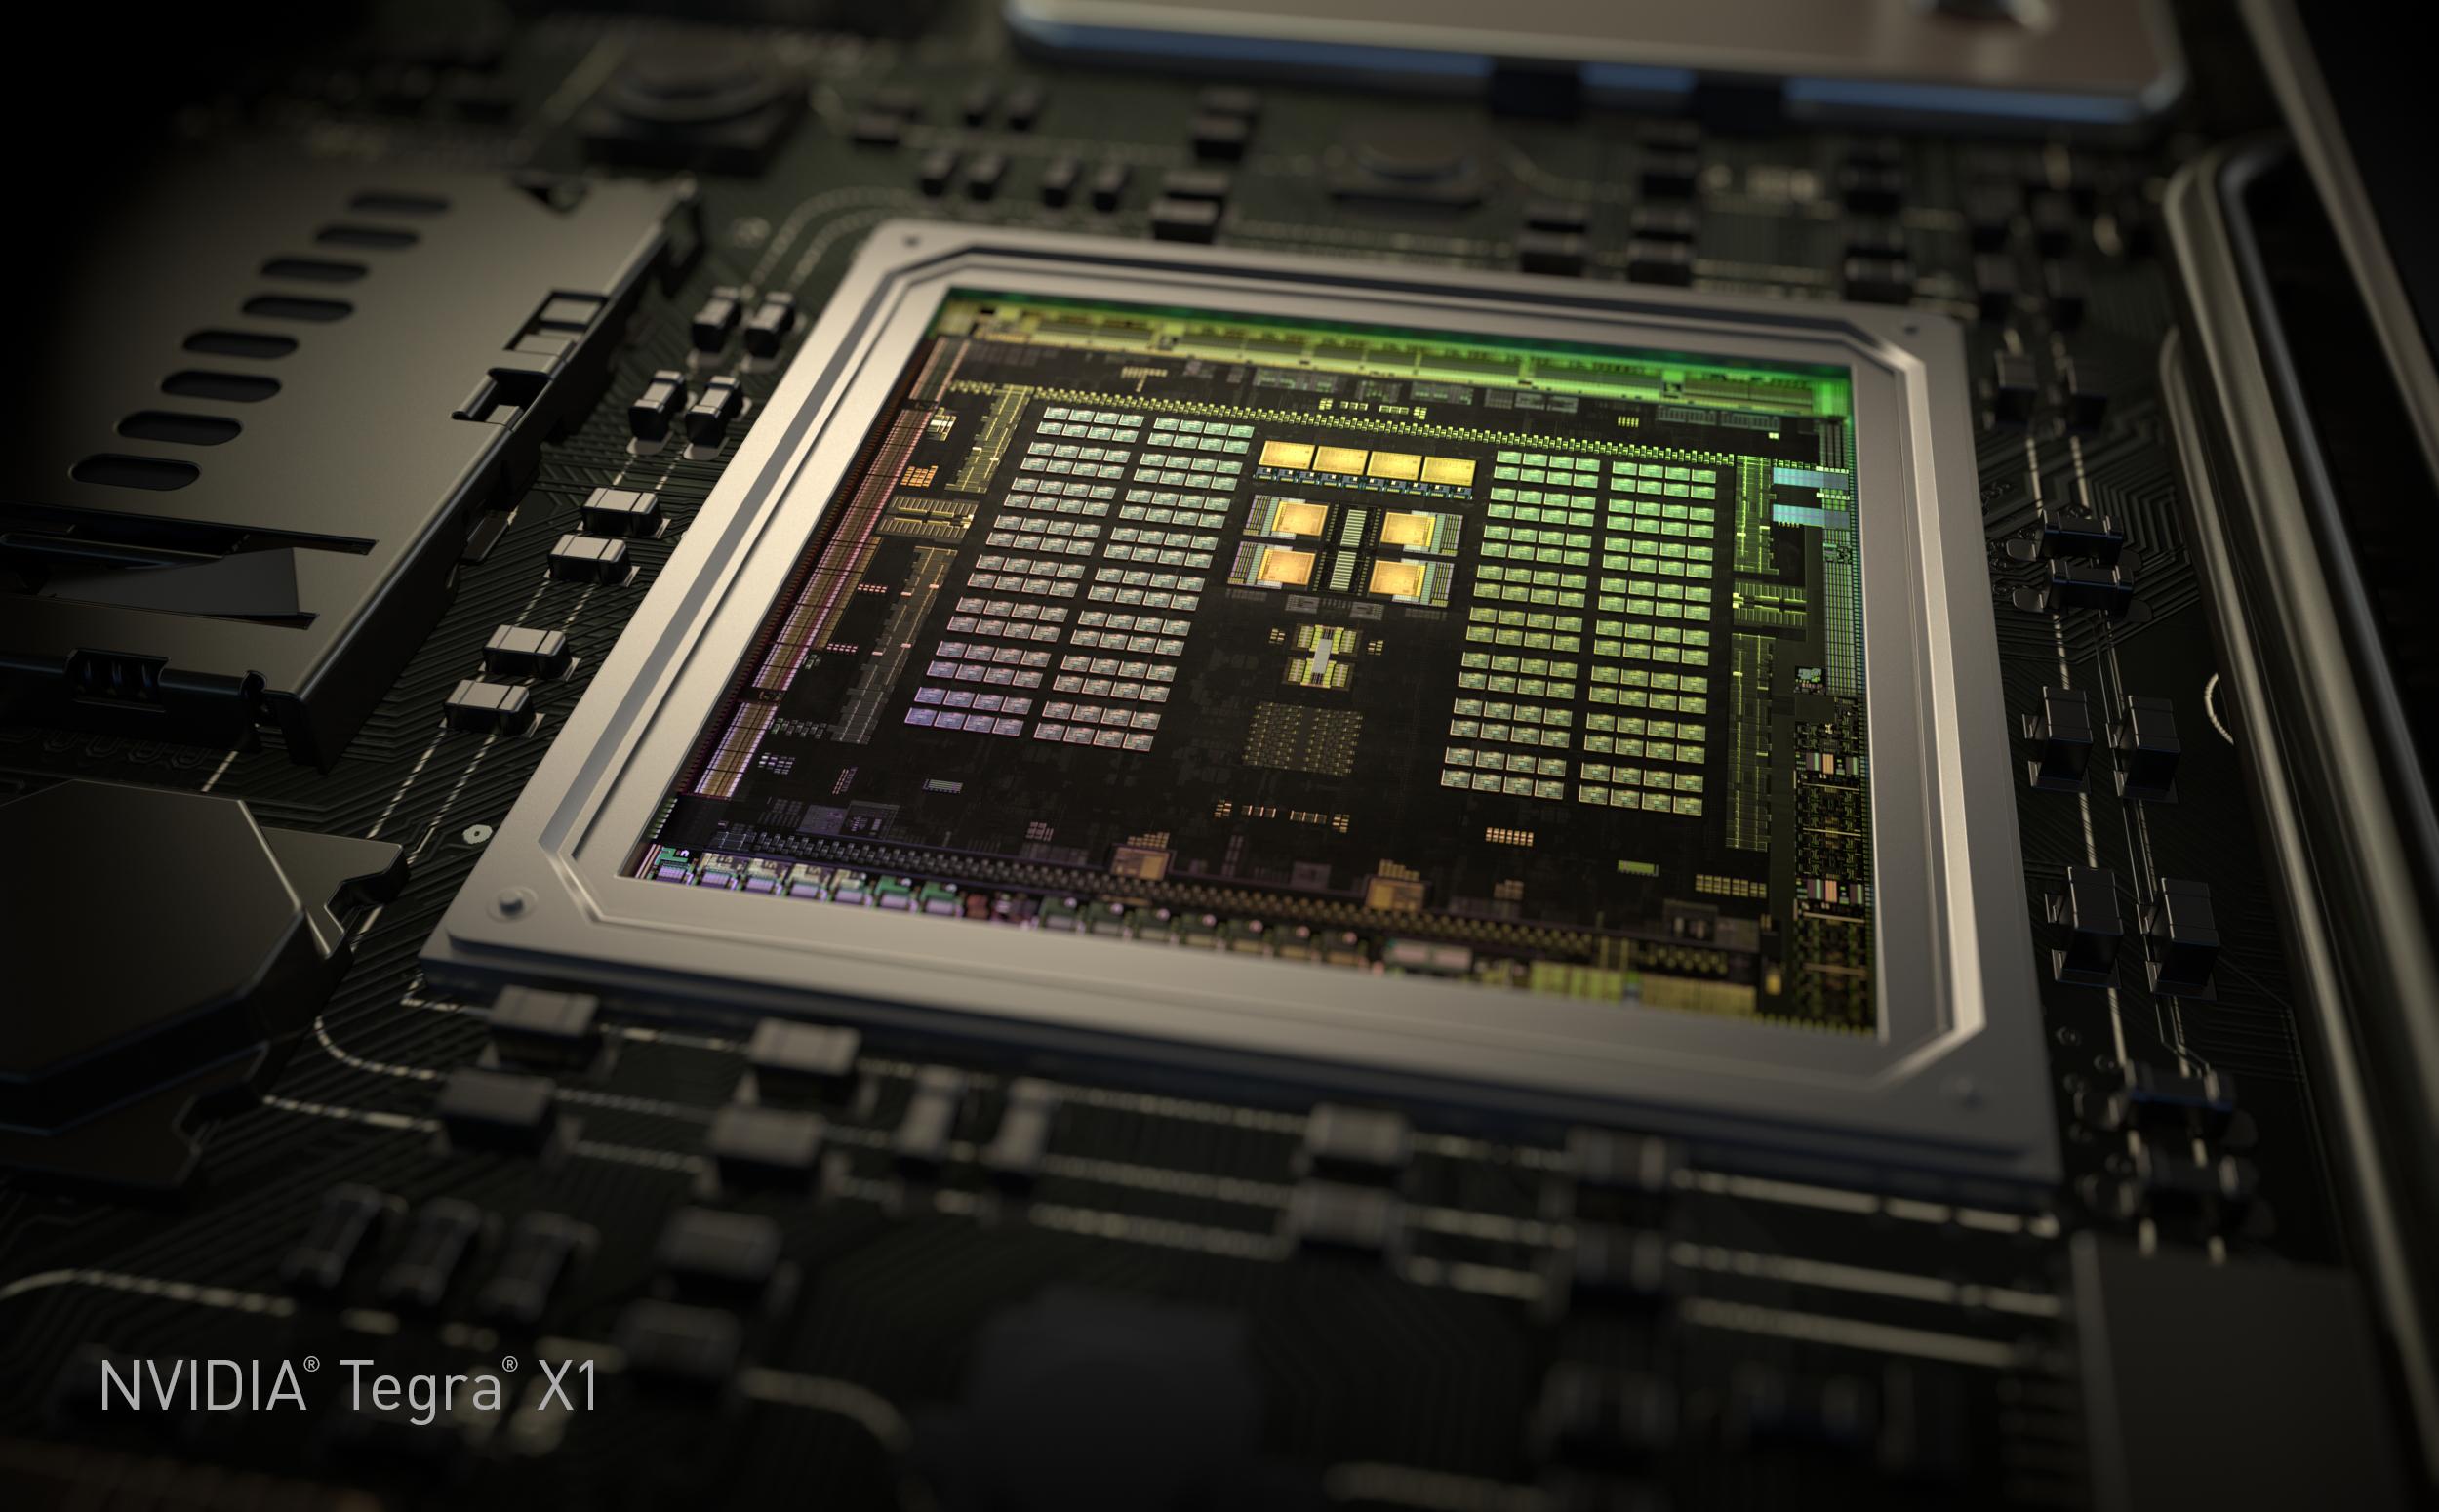 NVIDIA's Tegra X1.